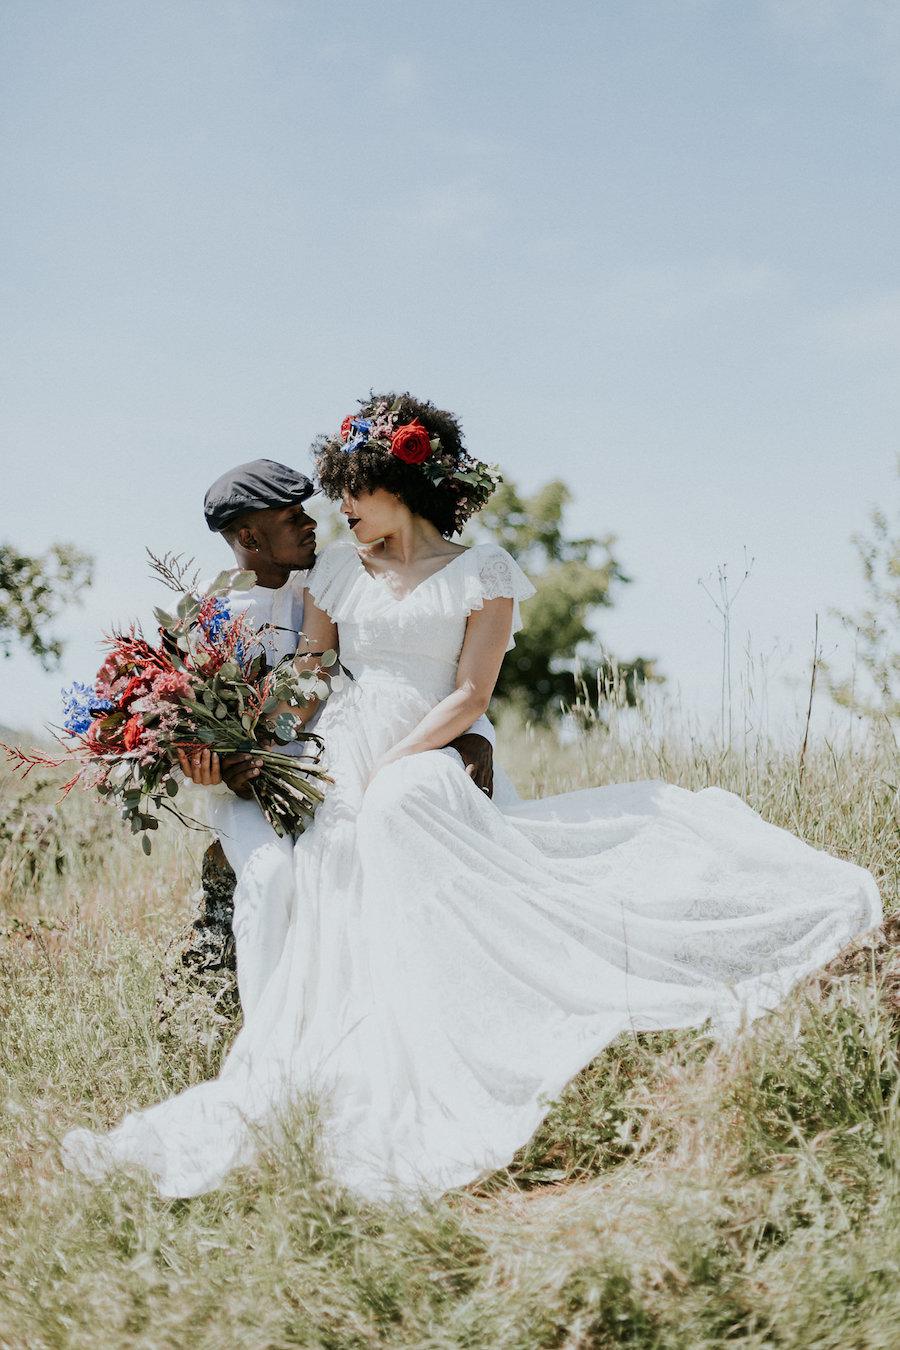 Foto Matrimonio Bohemien : Ispirazione boho in montagna wedding wonderland